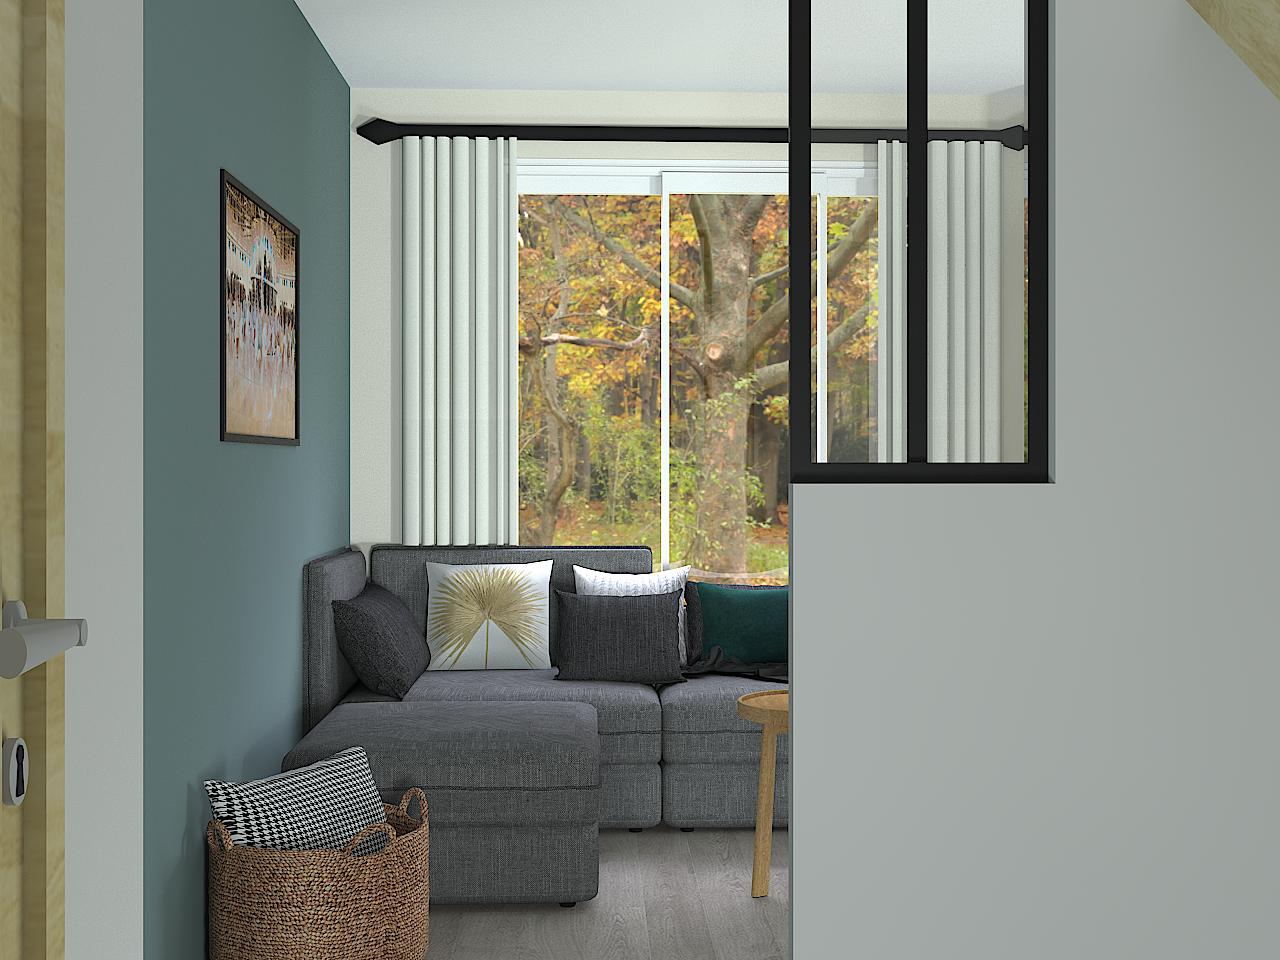 Salle de réunion, décoration, bleu, rouge, industrielle, bois, harmonisation, ambiance chaleureuse, suspensions ampoules, palette, chaise daw eames